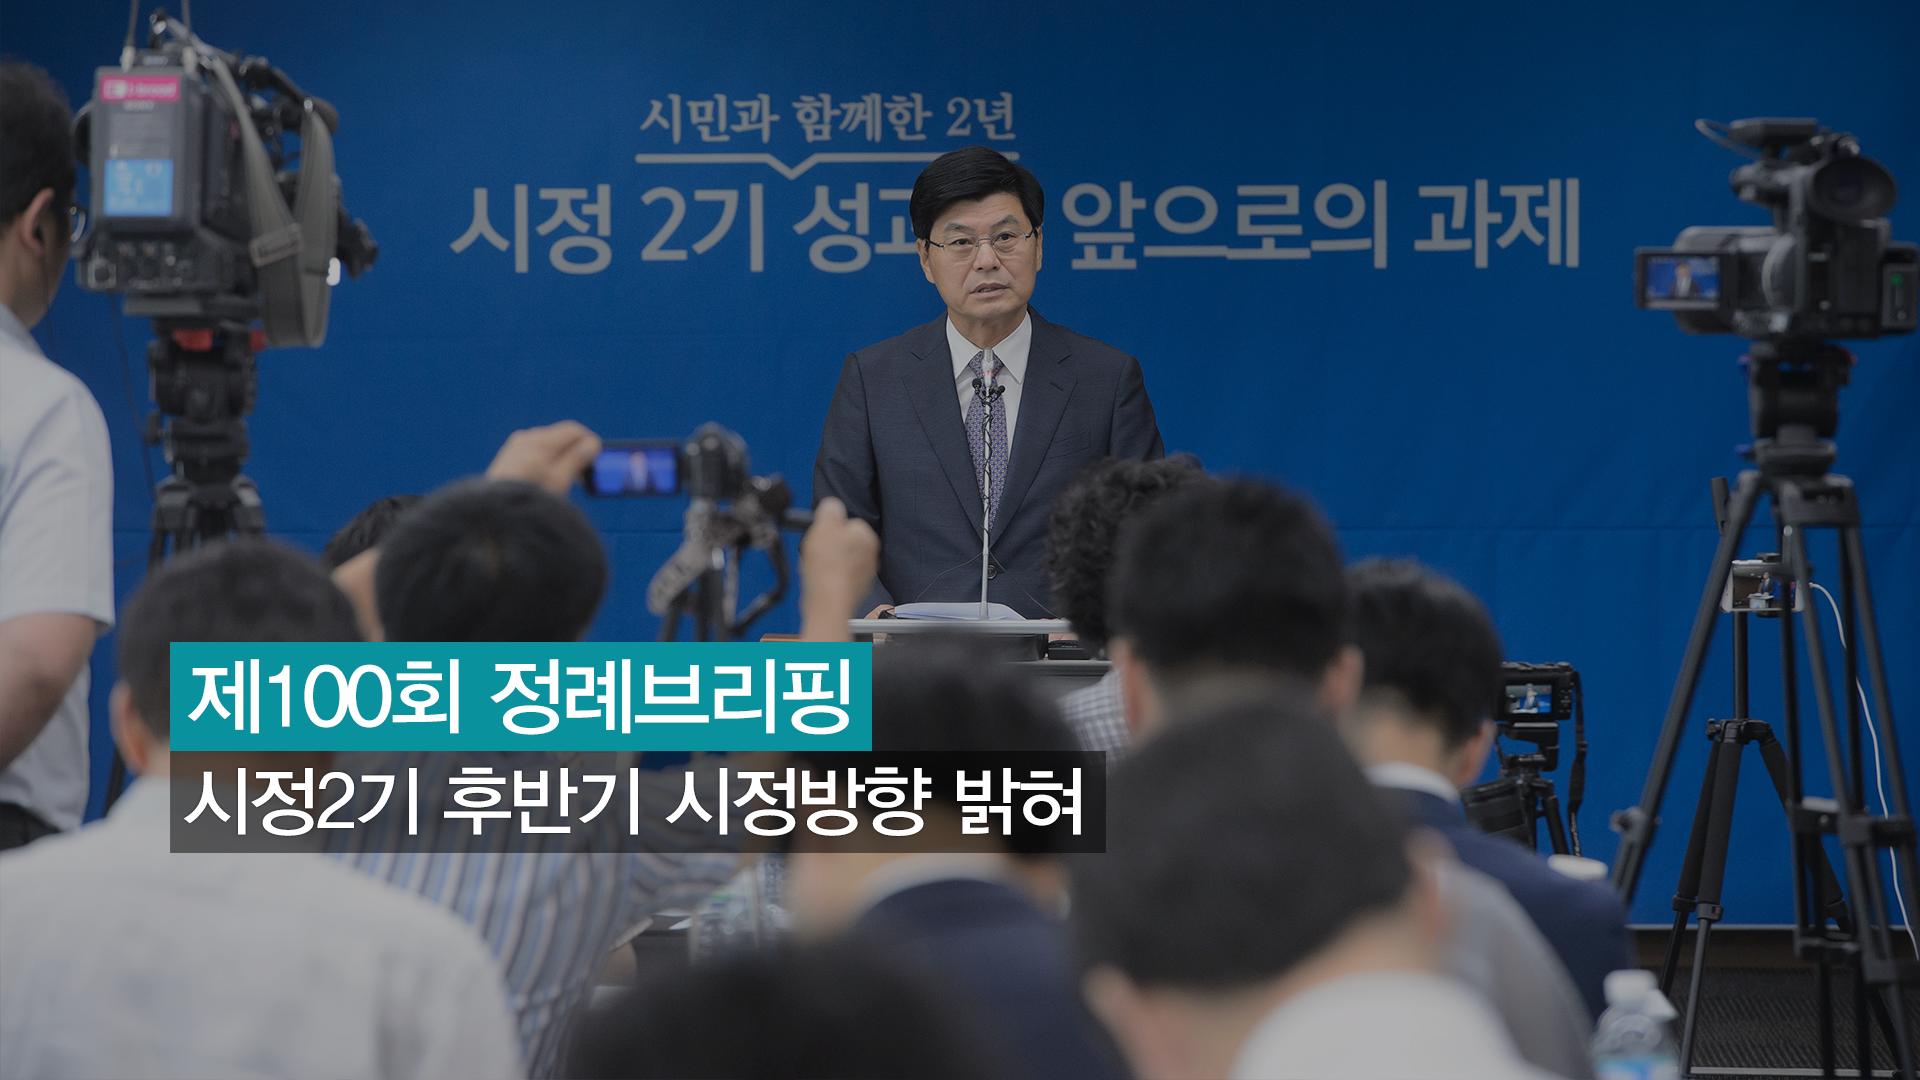 <100번째 정례브리핑> 시정2기 후반기 시정방향